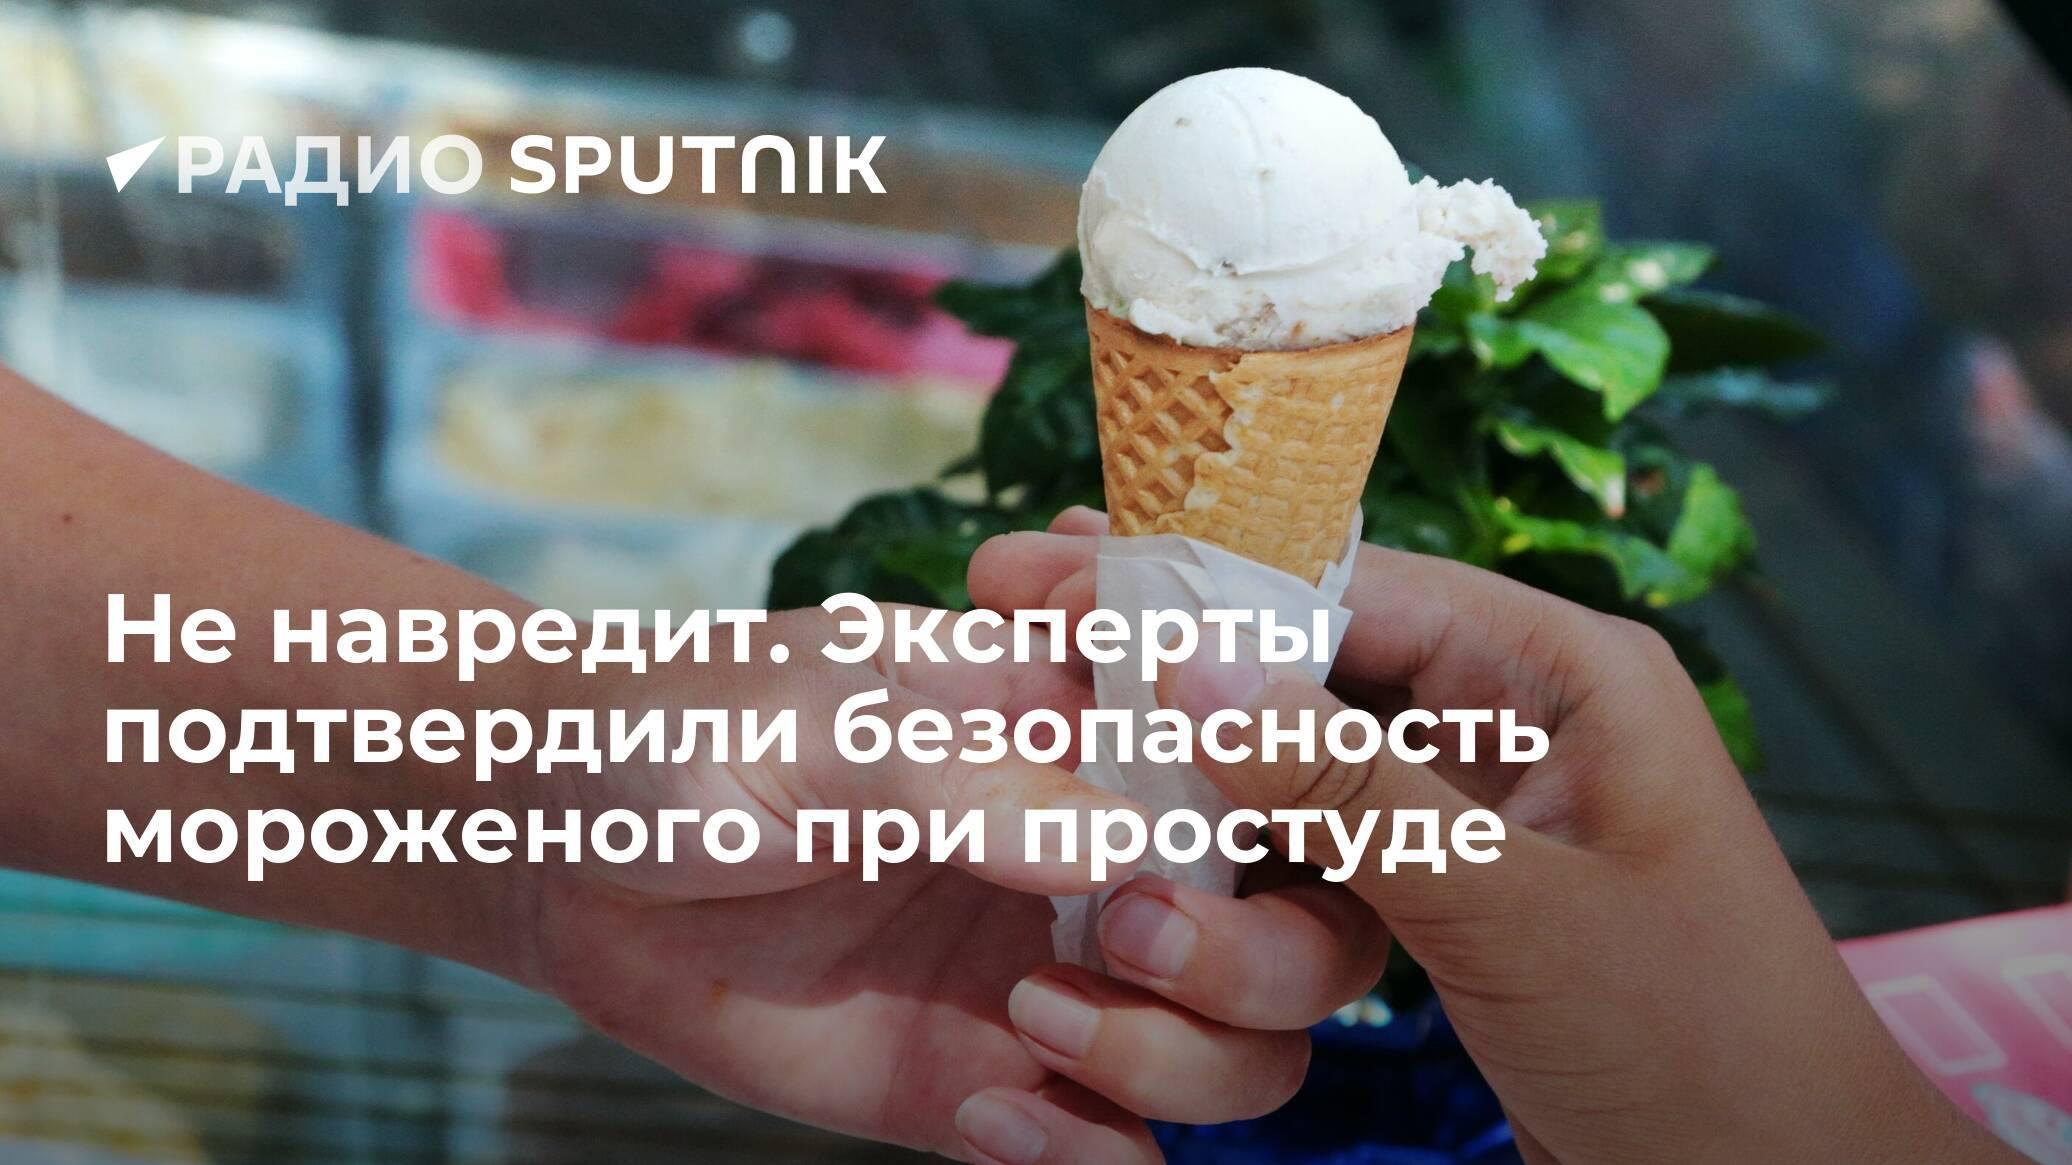 Мороженое при брекетах: можно или нельзя? - энциклопедия ochkov.net